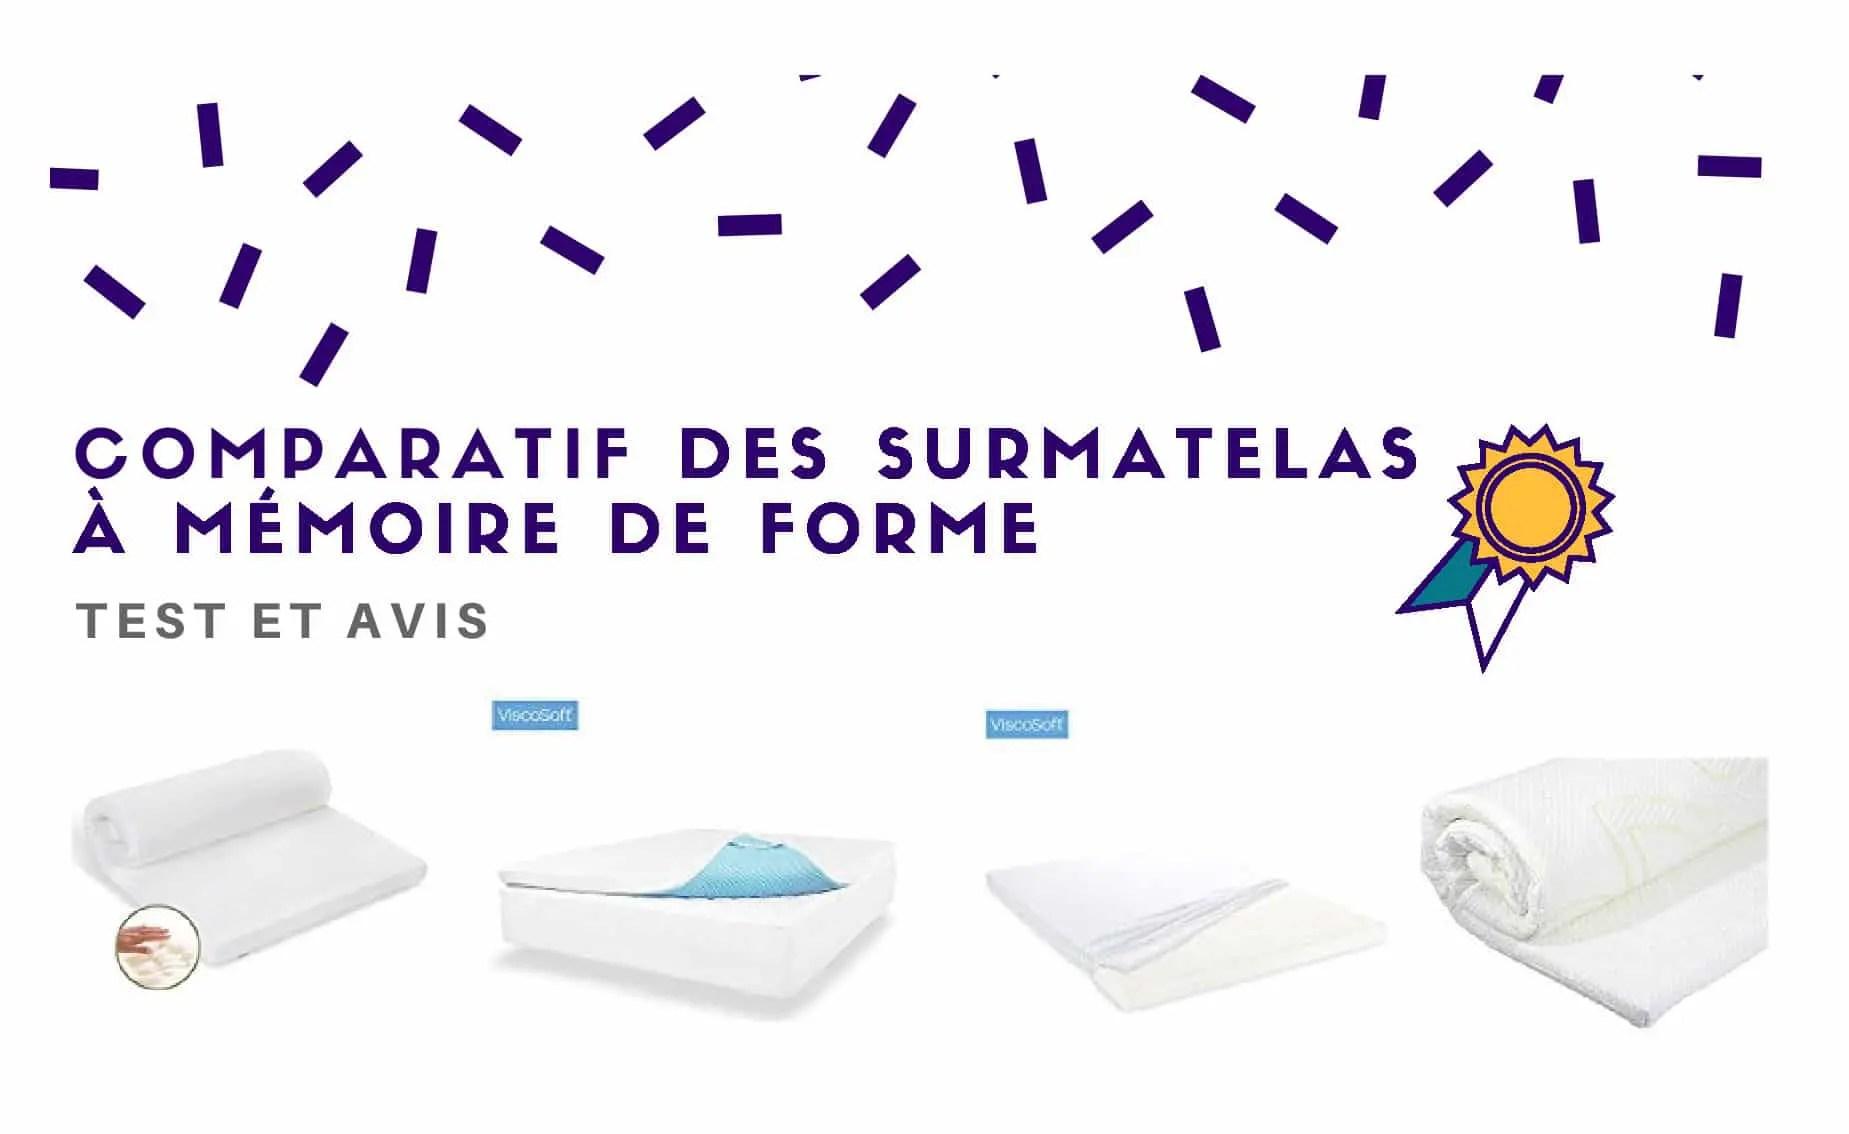 Surmatelas A Memoire De Forme Comparatif Et Avis 2021